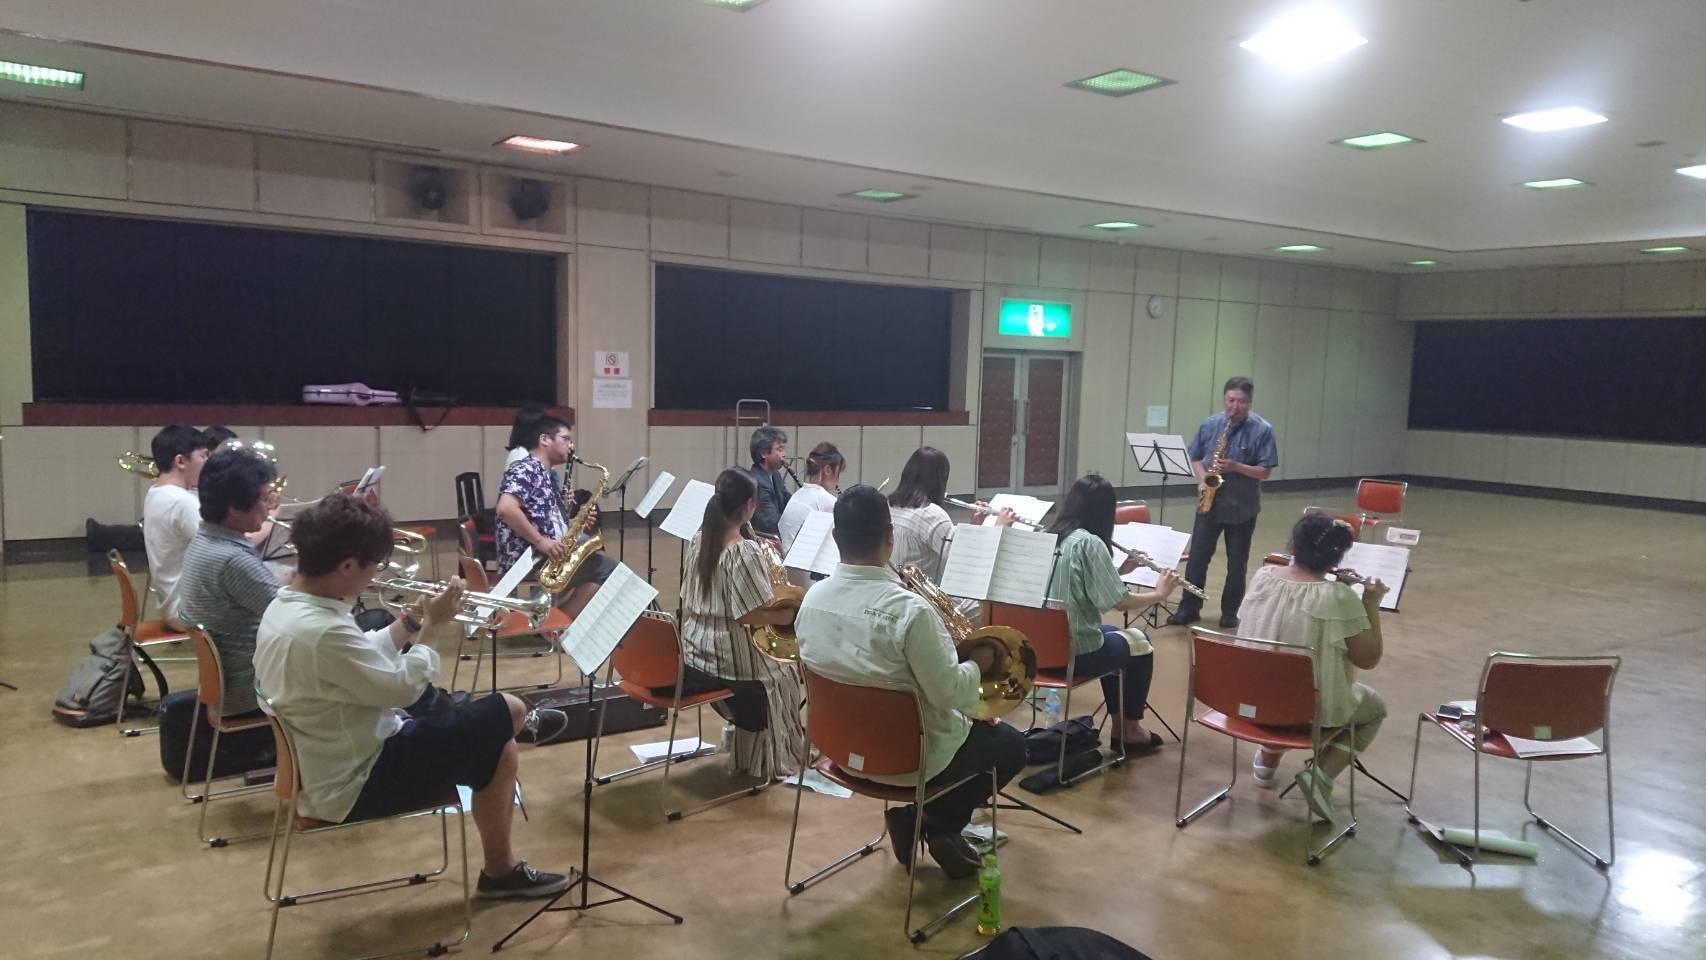 8月25日(日)GGSO練習〜宝島吹奏楽団練習_b0206845_07201289.jpeg